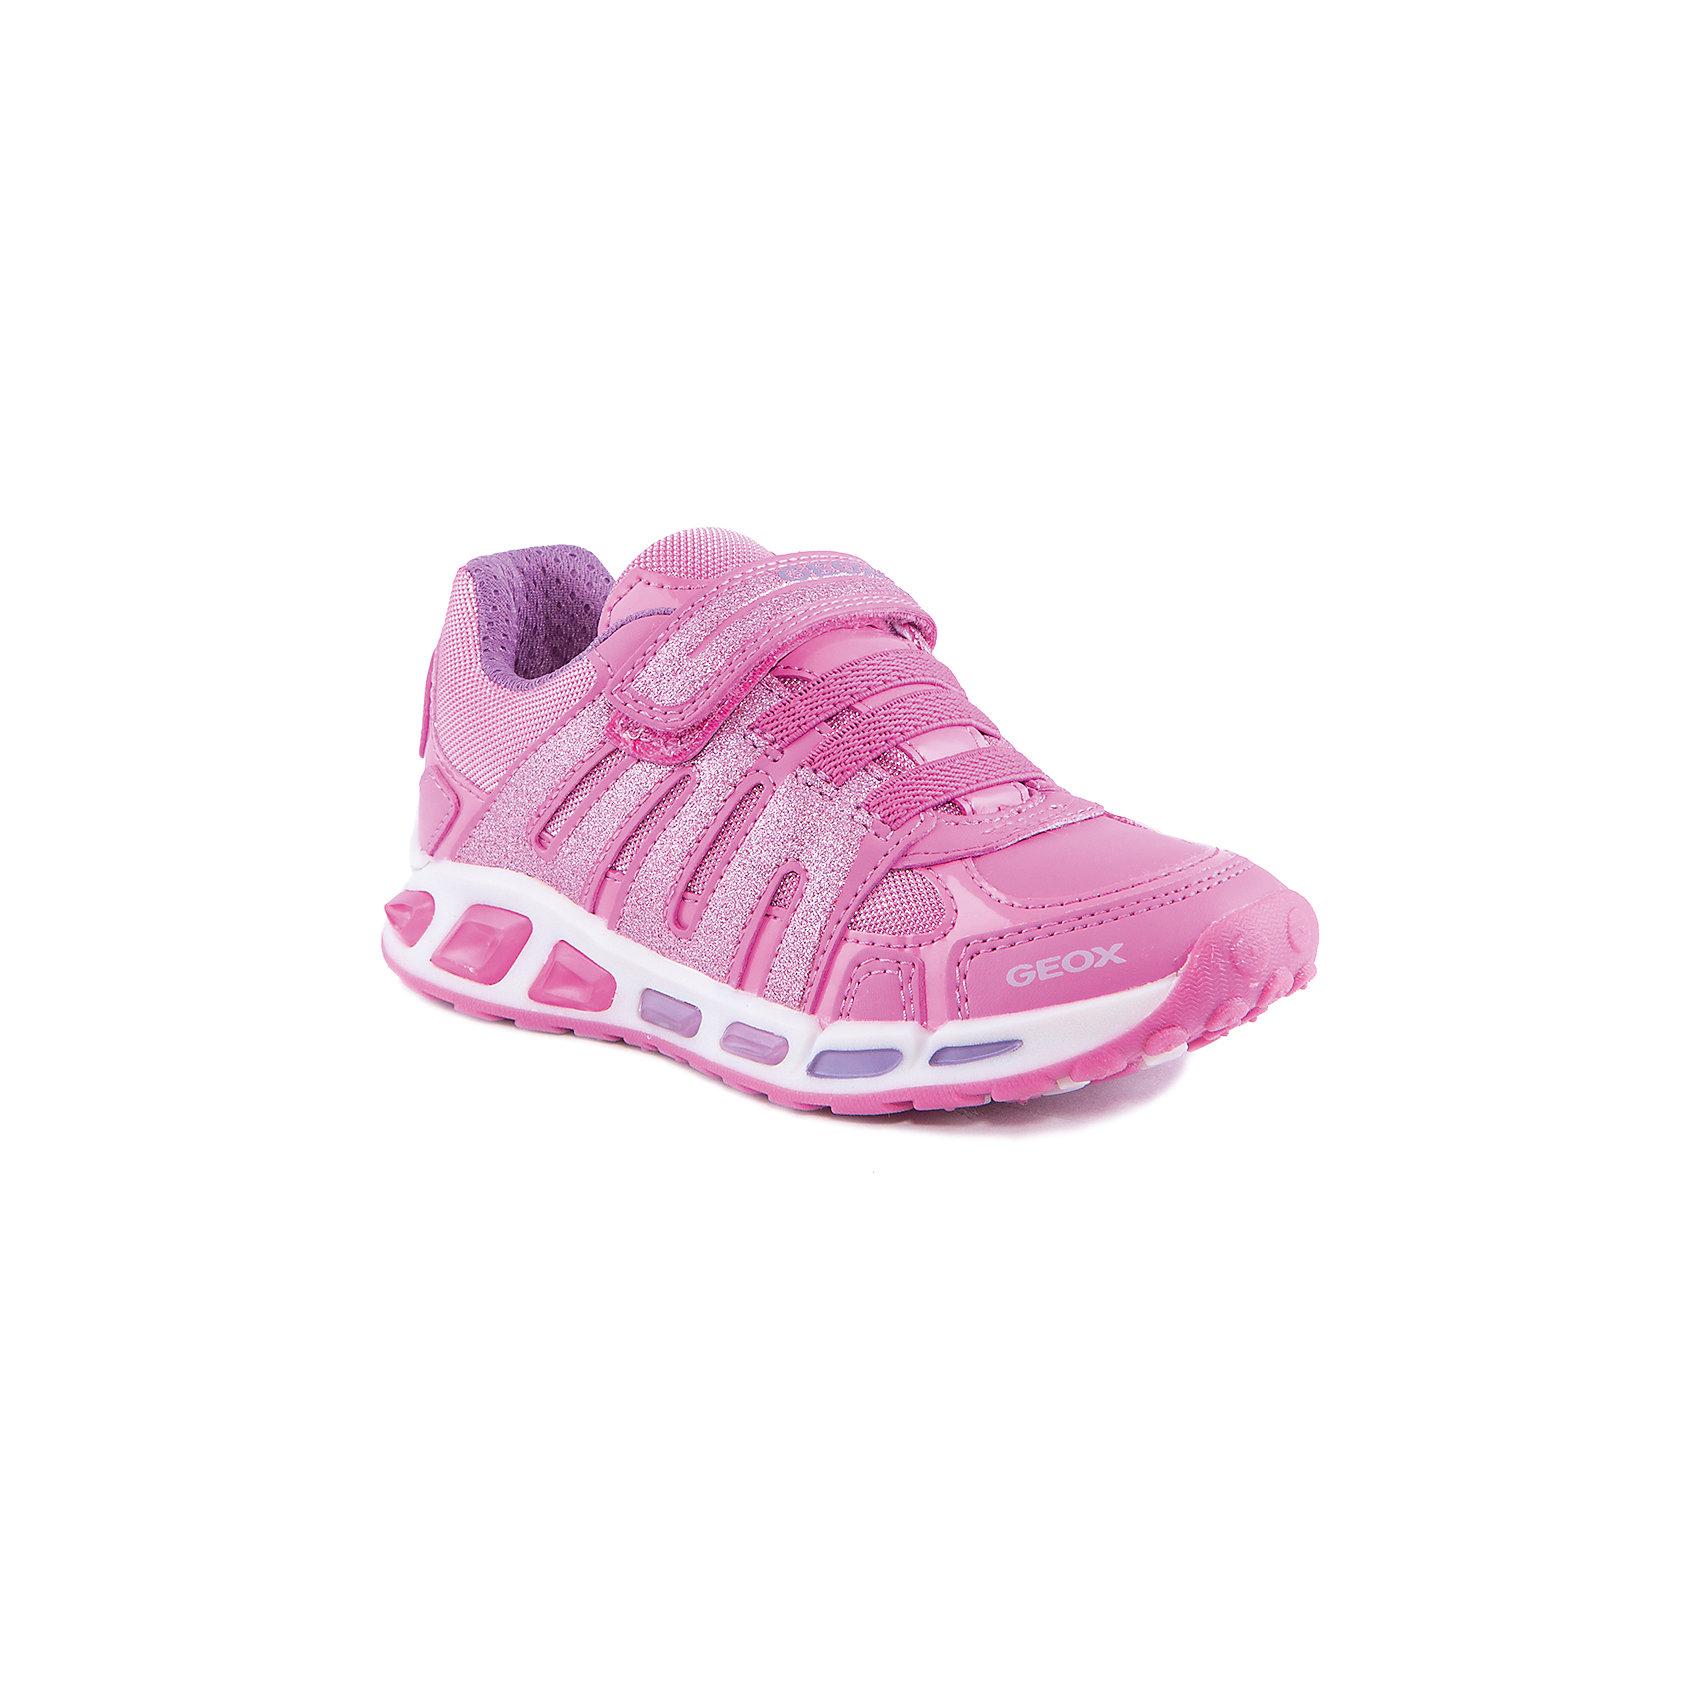 Кроссовки со светодиодами для девочки GeoxОсобенности:<br>Данная модель кроссовок имеет светодиоды, при ходьбе мигют огоньки.<br>Дышащая обувь<br>Подкладка из натуральной кожи (без хрома)<br>Стелька с антибактериальным покрытием<br>Материал:<br>Верх: 70% синтетический материал, 30% текстиль, подкладка: 100% текстиль<br>Подошва:<br>Подошва (внешняя часть): 100% резина, подошва (внутренняя часть): 100% натуральная кожа<br>Высота каблука:<br>Без каблука<br><br>Кроссовки для девочки GEOX можно купить в нашем магазине.<br><br>Ширина мм: 250<br>Глубина мм: 150<br>Высота мм: 150<br>Вес г: 250<br>Цвет: розовый<br>Возраст от месяцев: 48<br>Возраст до месяцев: 60<br>Пол: Женский<br>Возраст: Детский<br>Размер: 28,29,32,30,31,35,34,33<br>SKU: 4178219